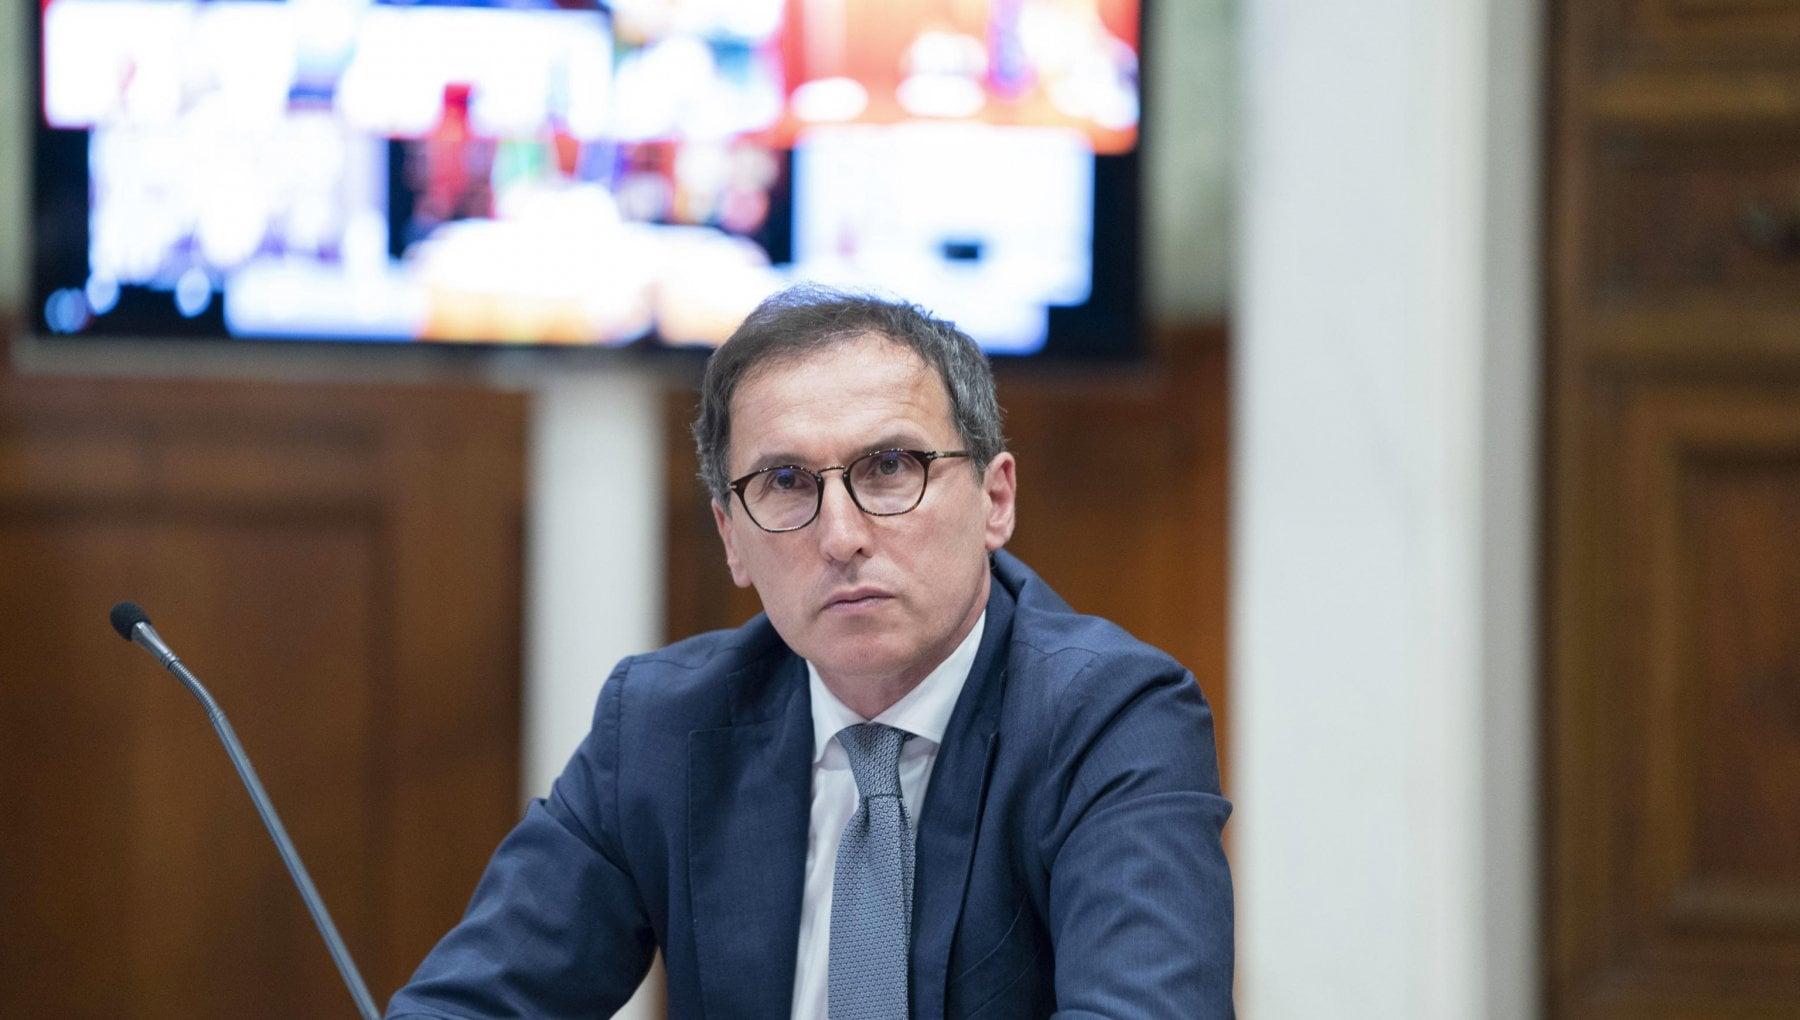 Recovery Plan scontro tra i ministri. Boccia Bonetti vuole dimettersi Se ne assumera la responsabilita